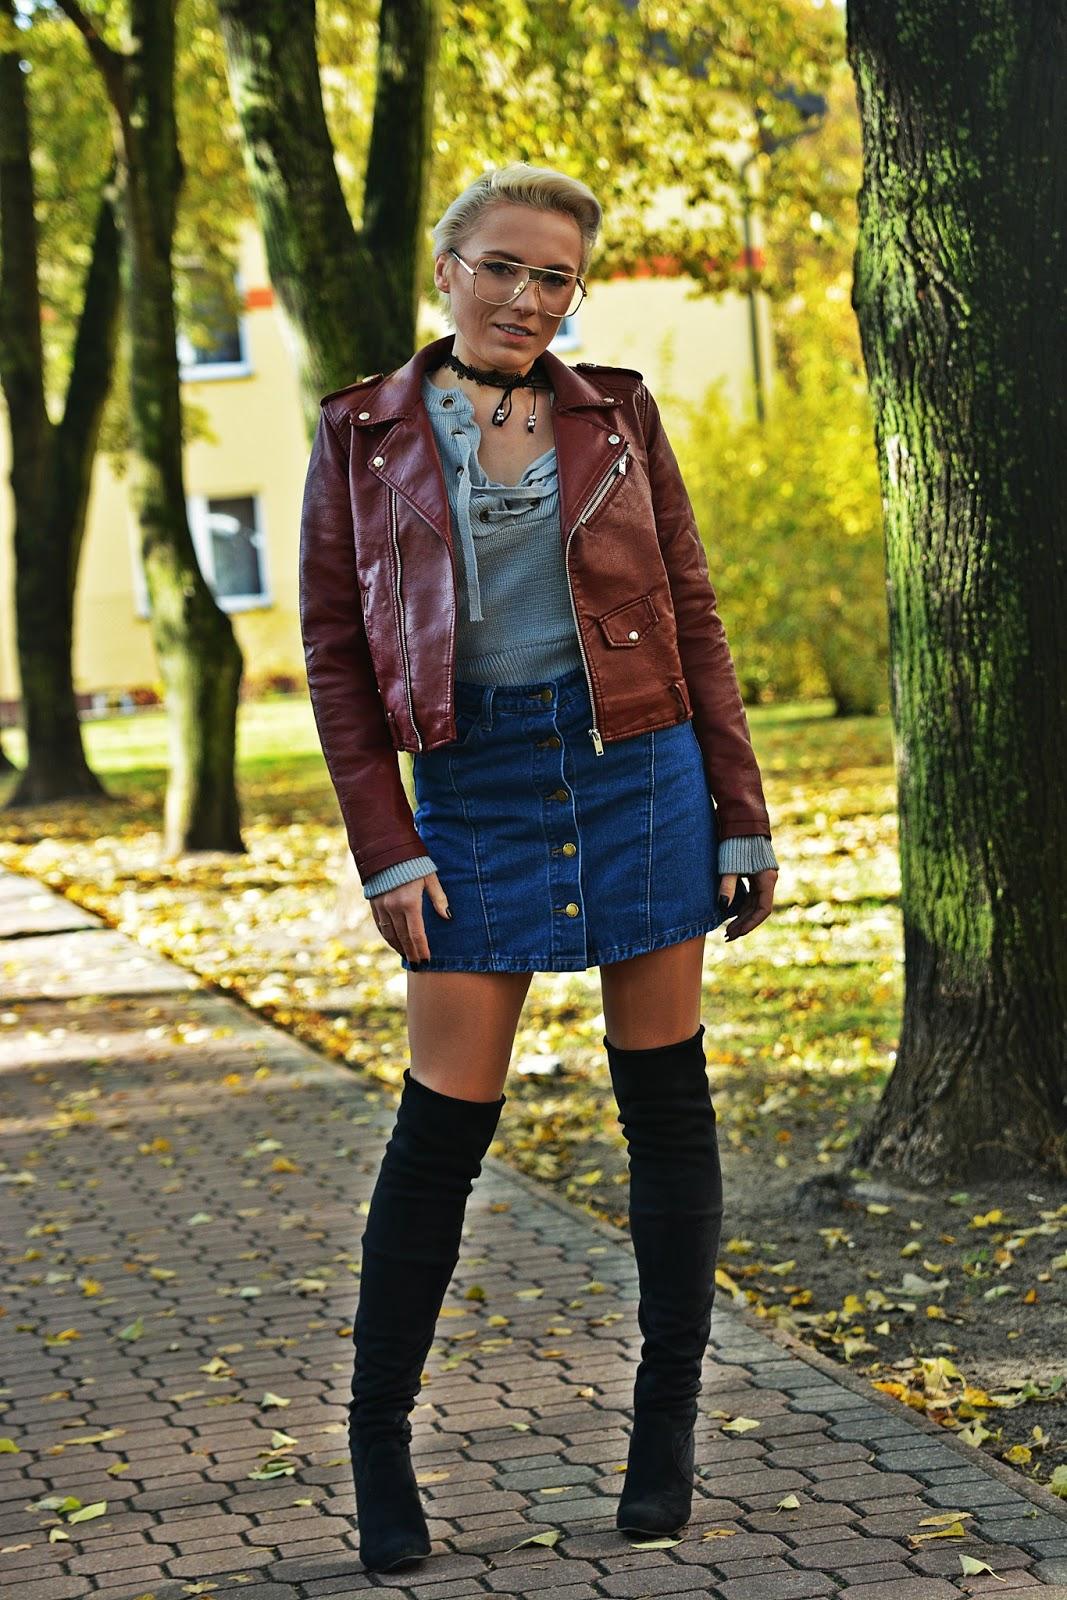 szary_plaszcz_spodnica_jeans_guziki_bordowa_ramoneska_karyn789